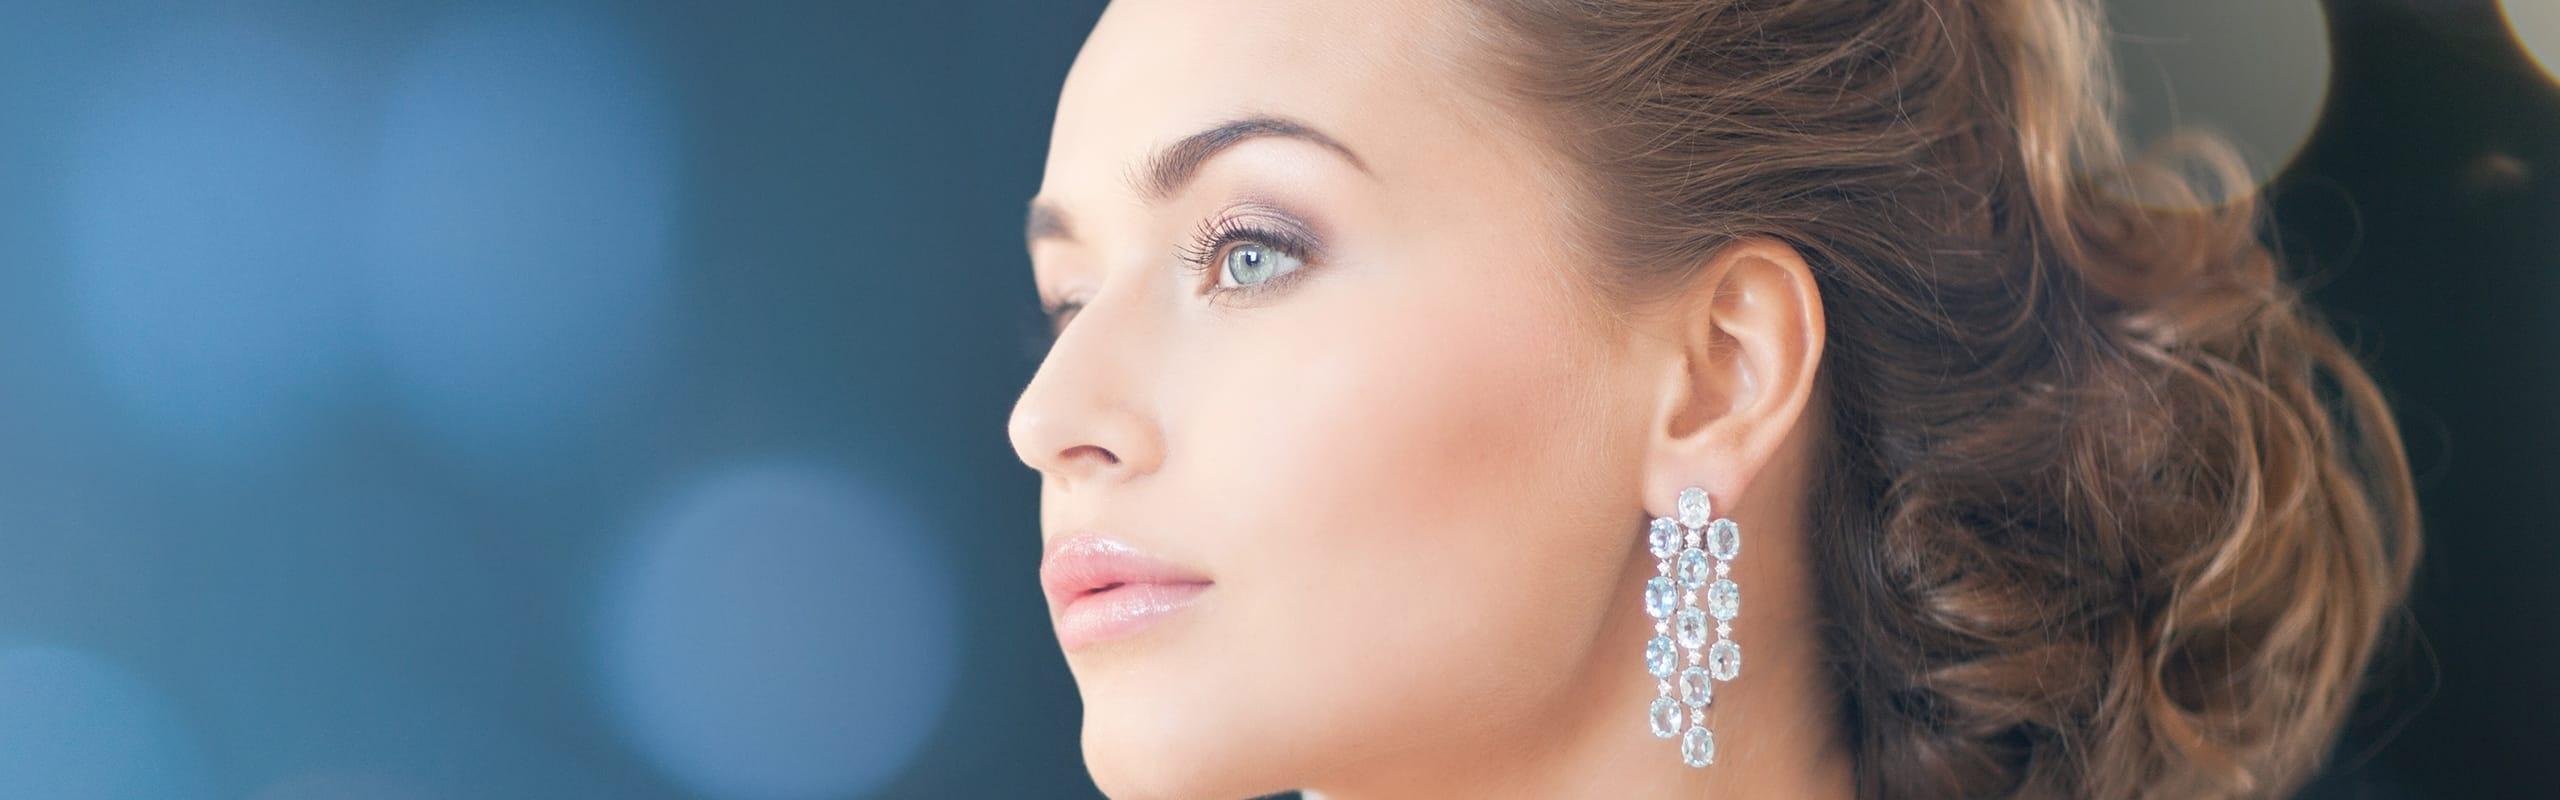 Dame mit funkelnden Ohrringen und strahlender Haut durch Anti-Aging Behandlung